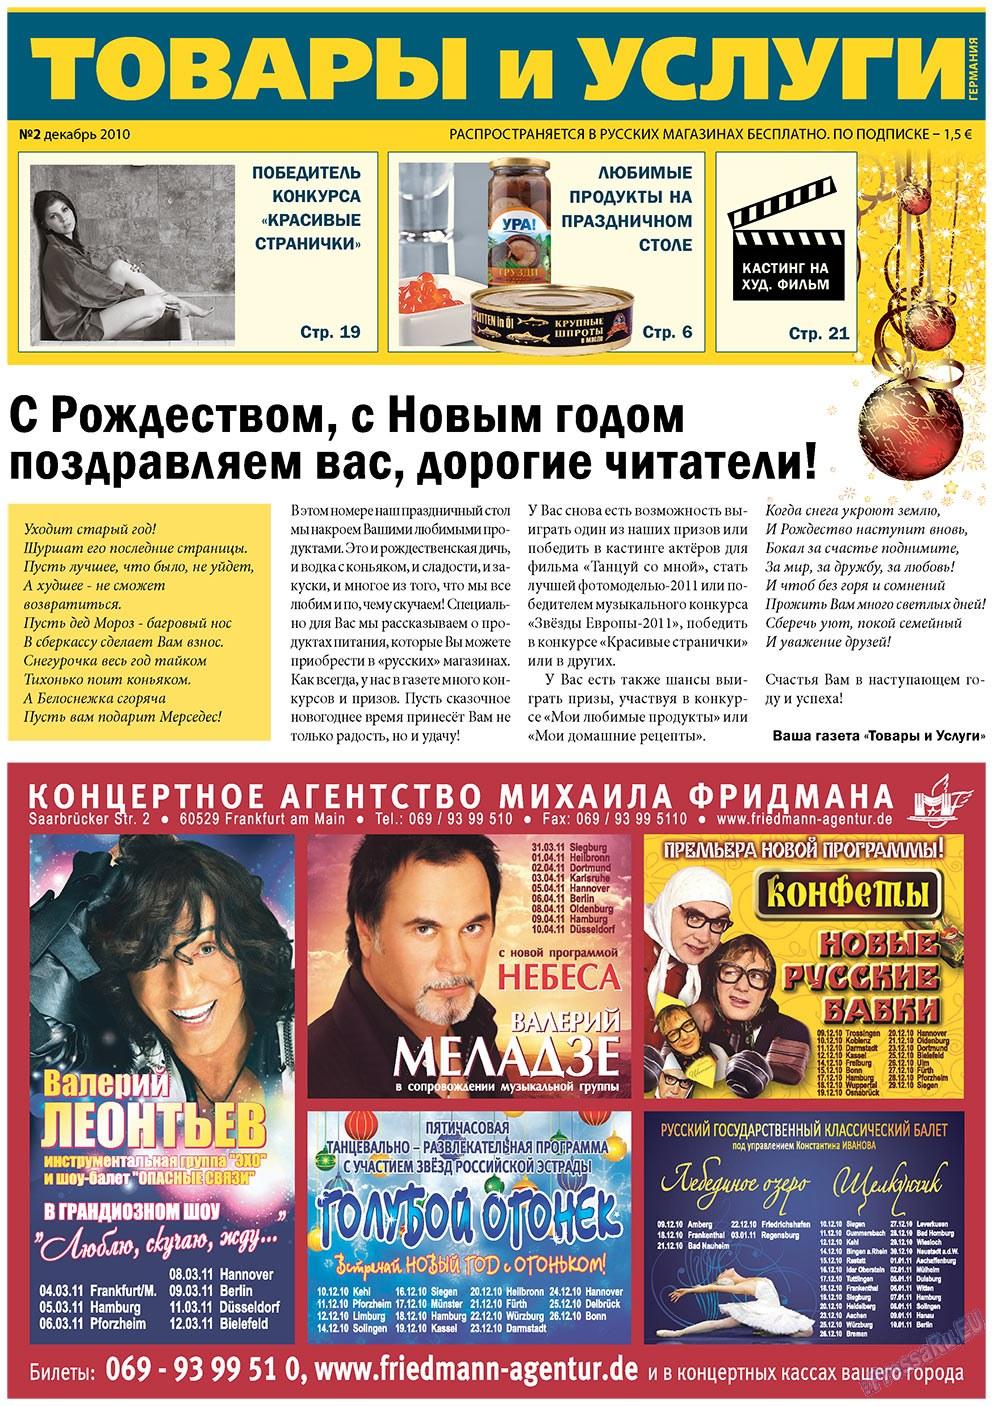 Товары и услуги (газета). 2010 год, номер 2, стр. 1